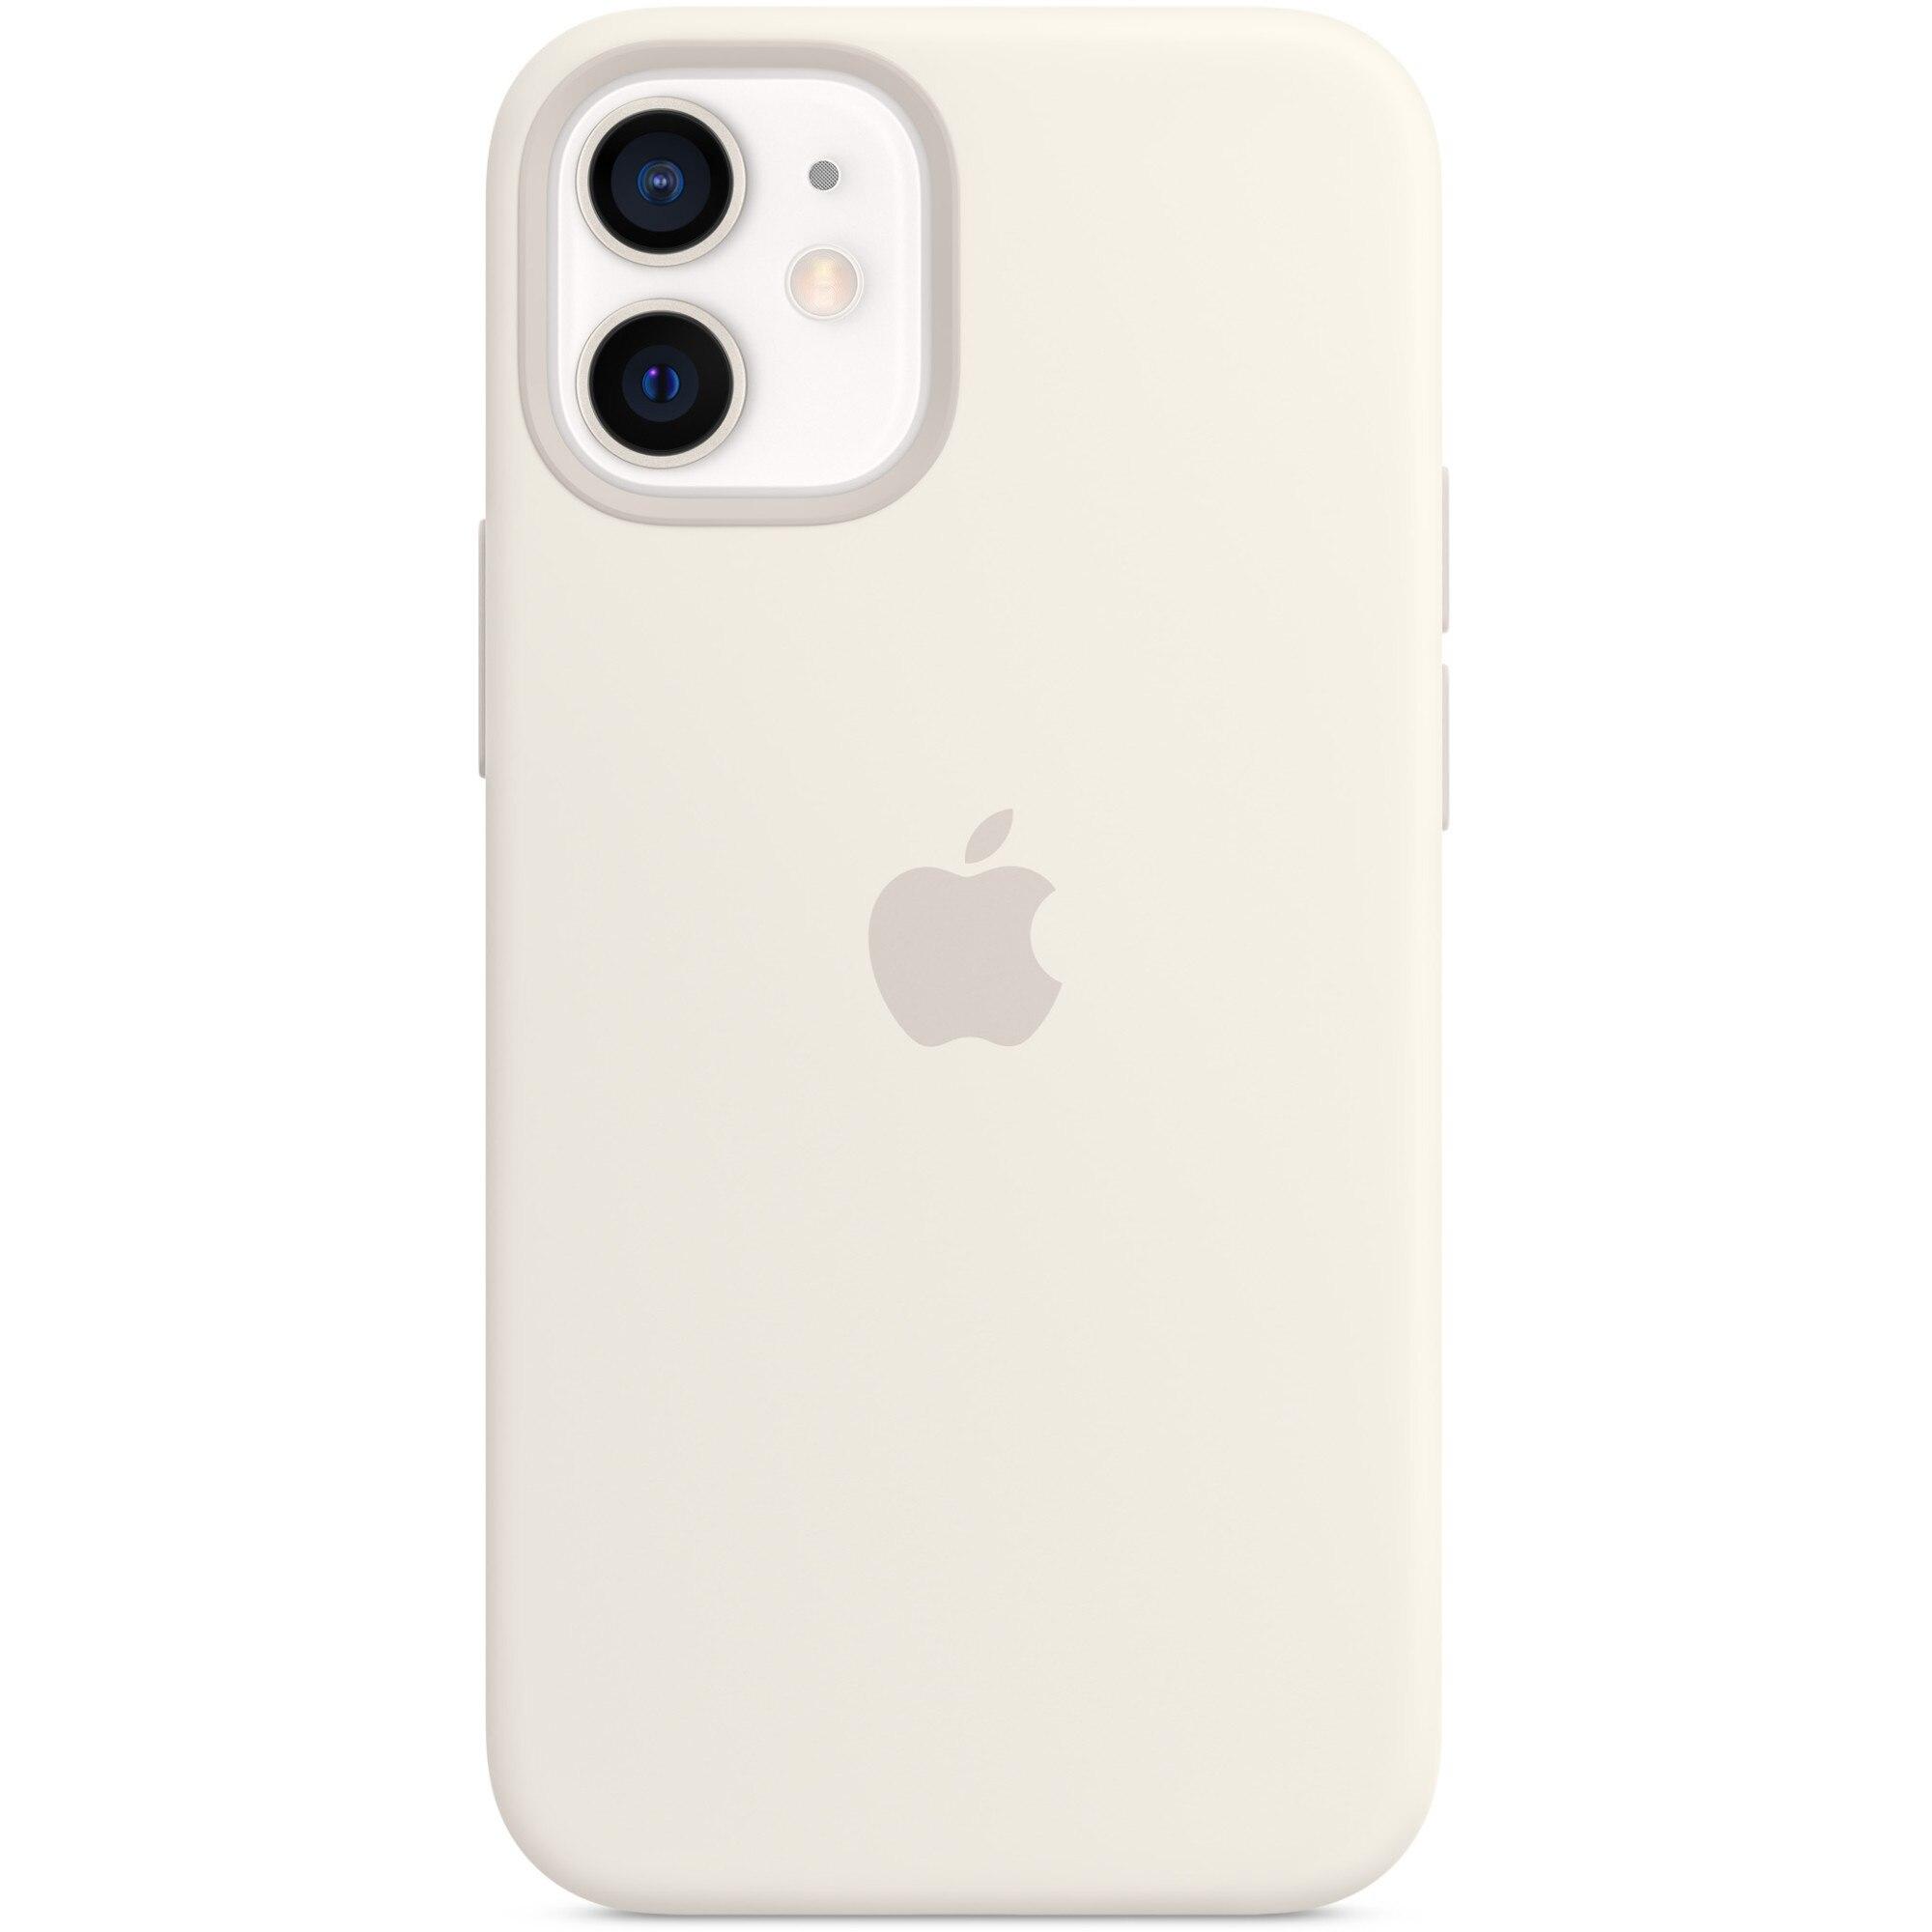 Fotografie Husa de protectie Apple Silicone Case MagSafe pentru iPhone 12 mini, White